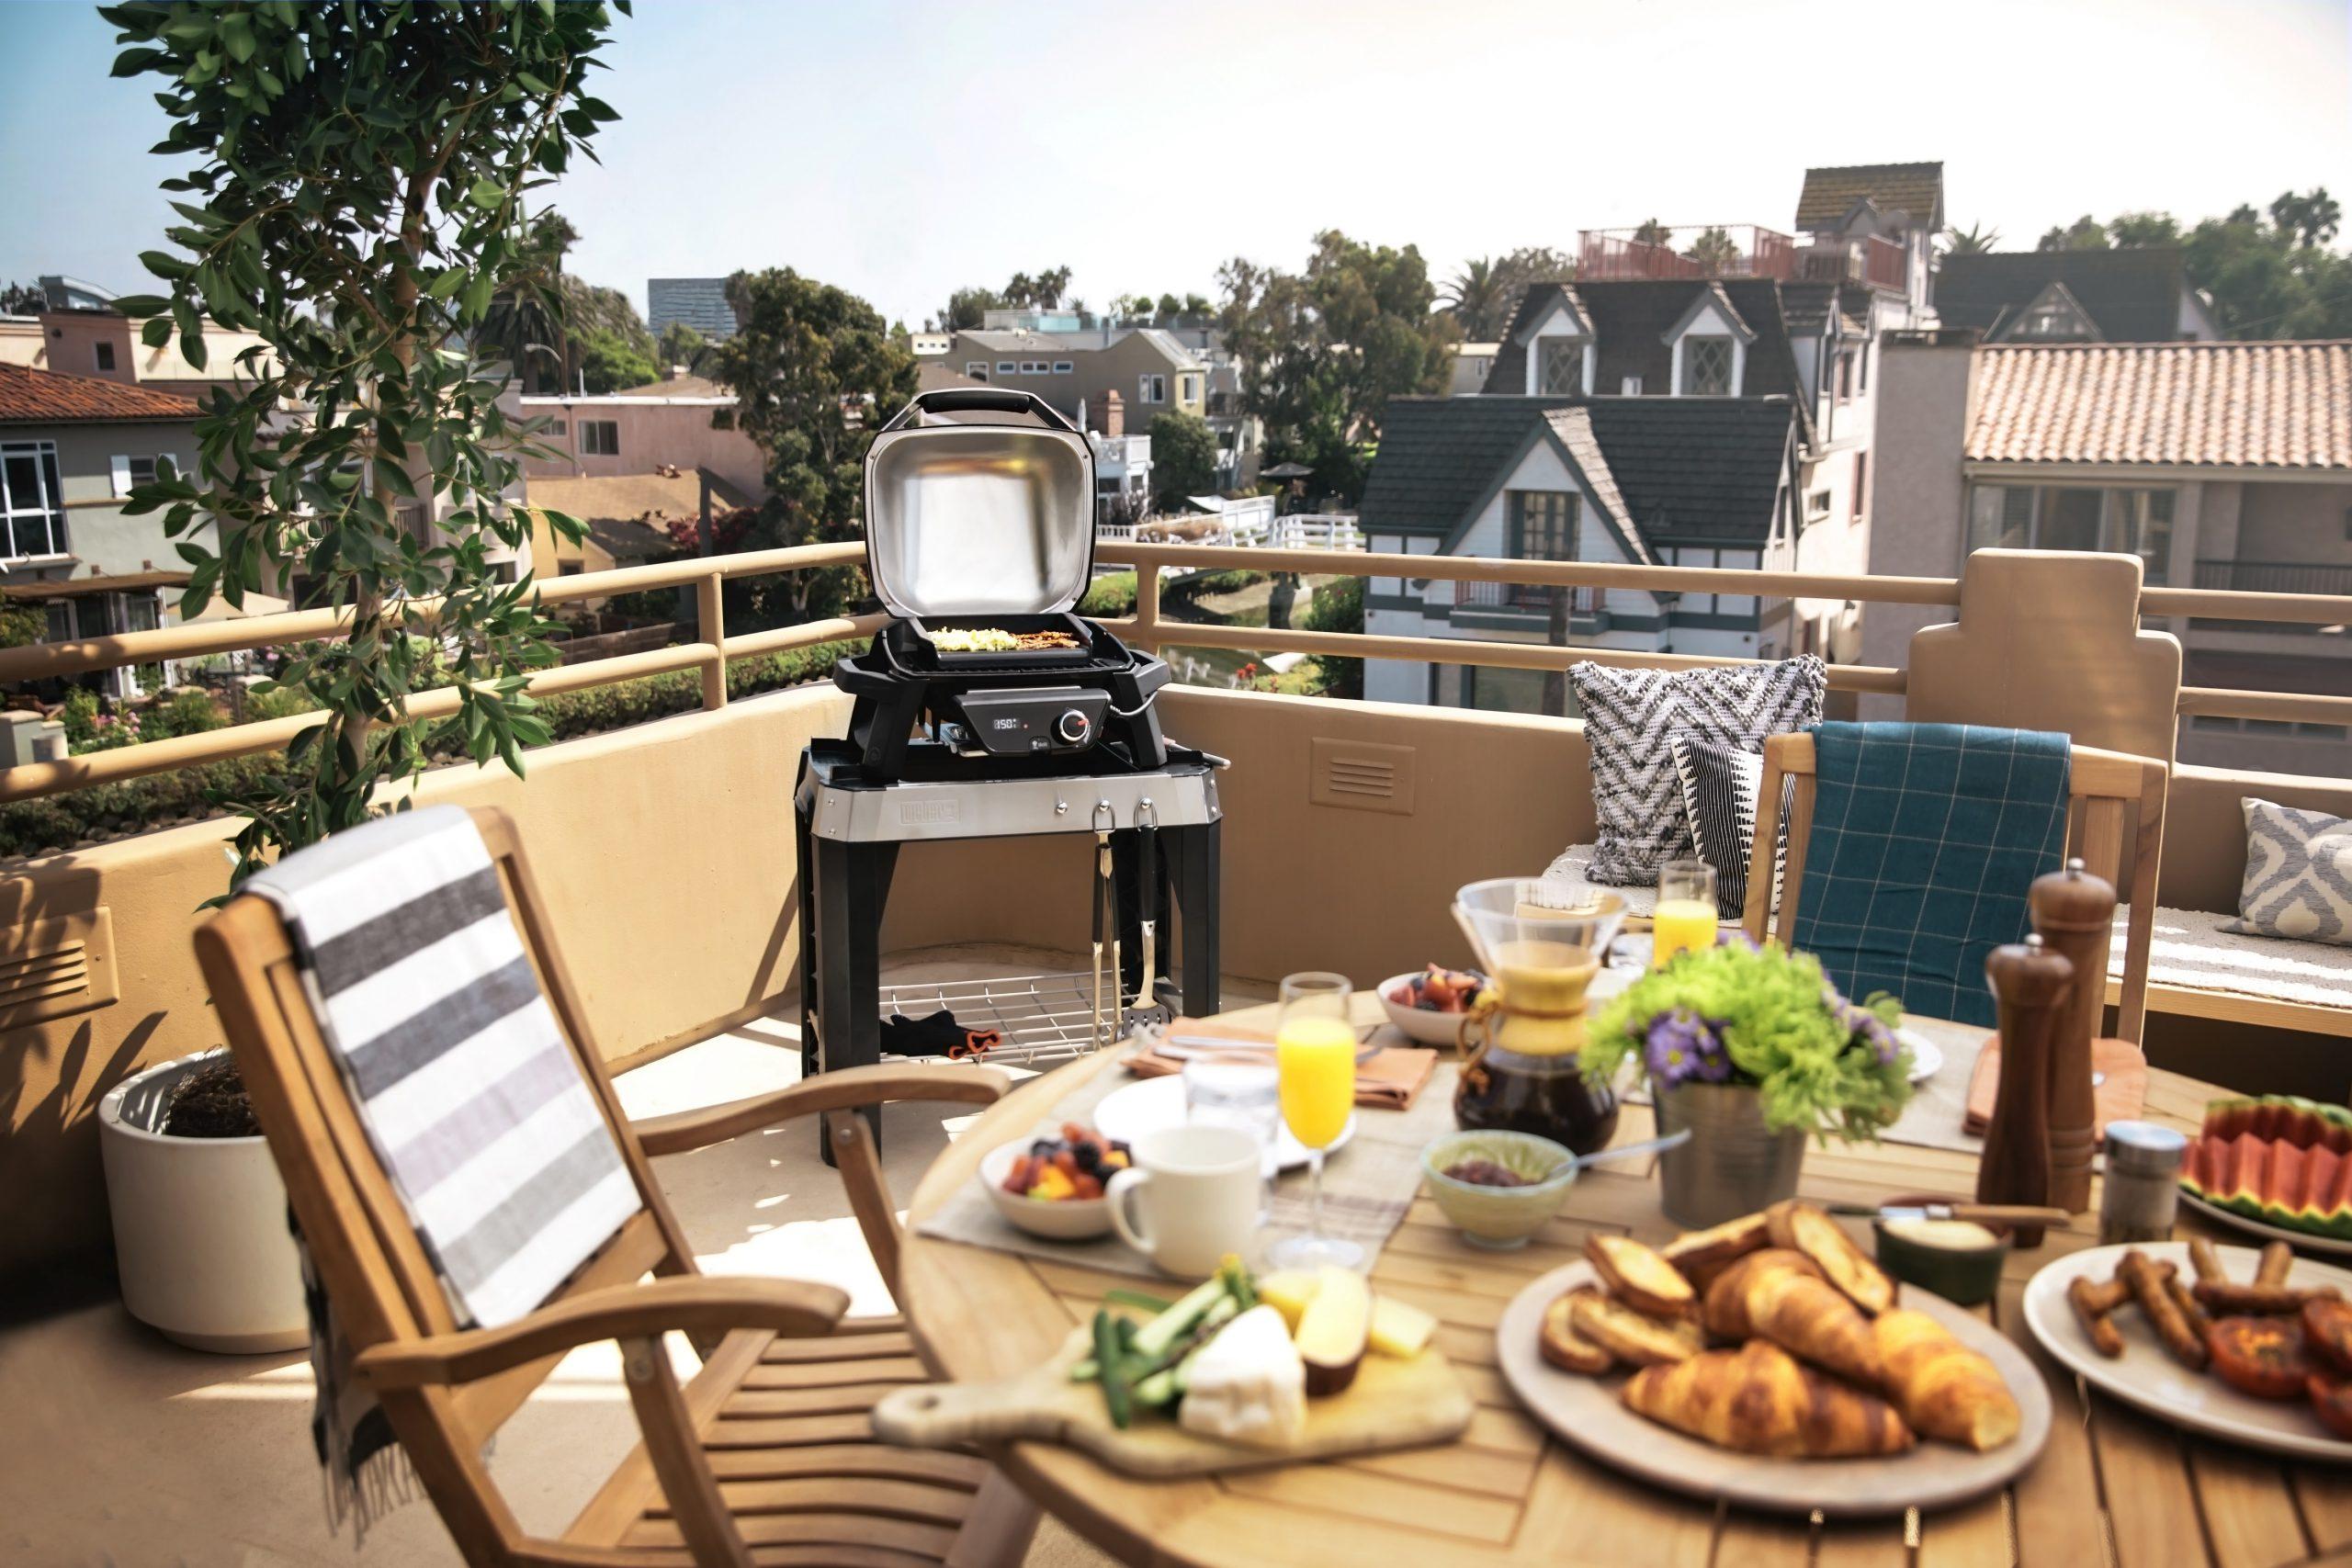 Urban grilling – grilluj na swoim balkonie